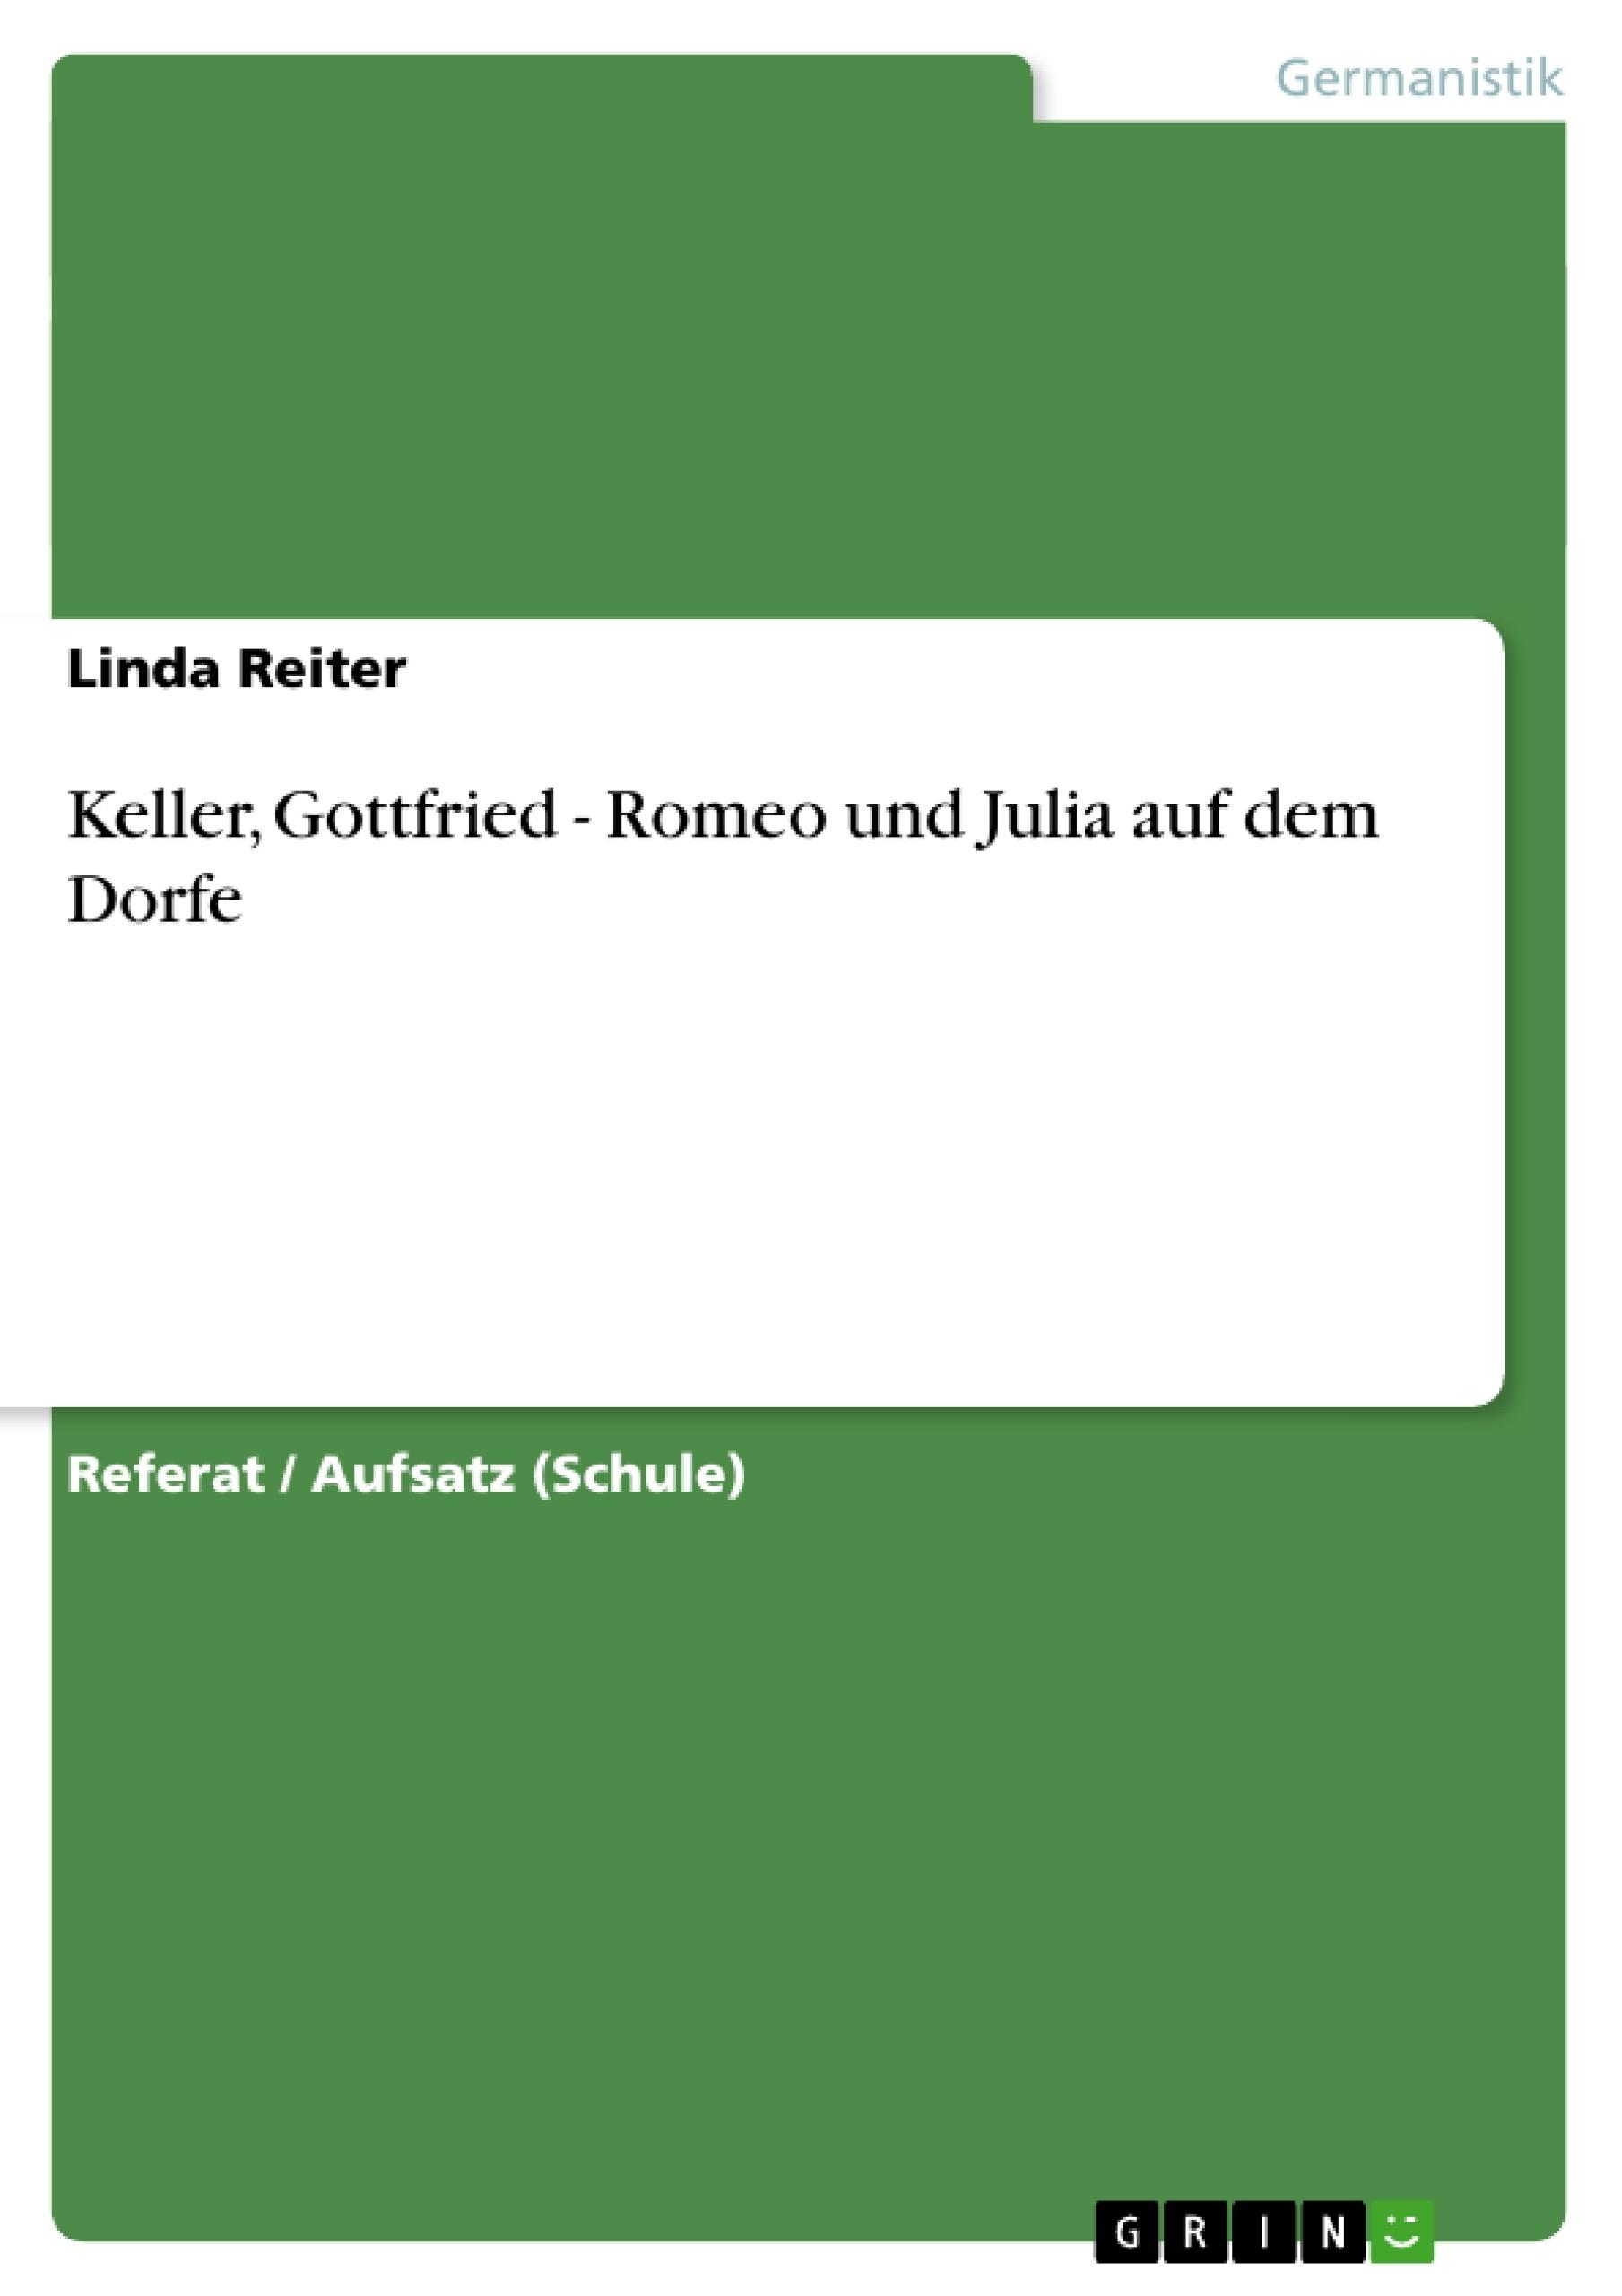 Titel: Keller, Gottfried - Romeo und Julia auf dem Dorfe